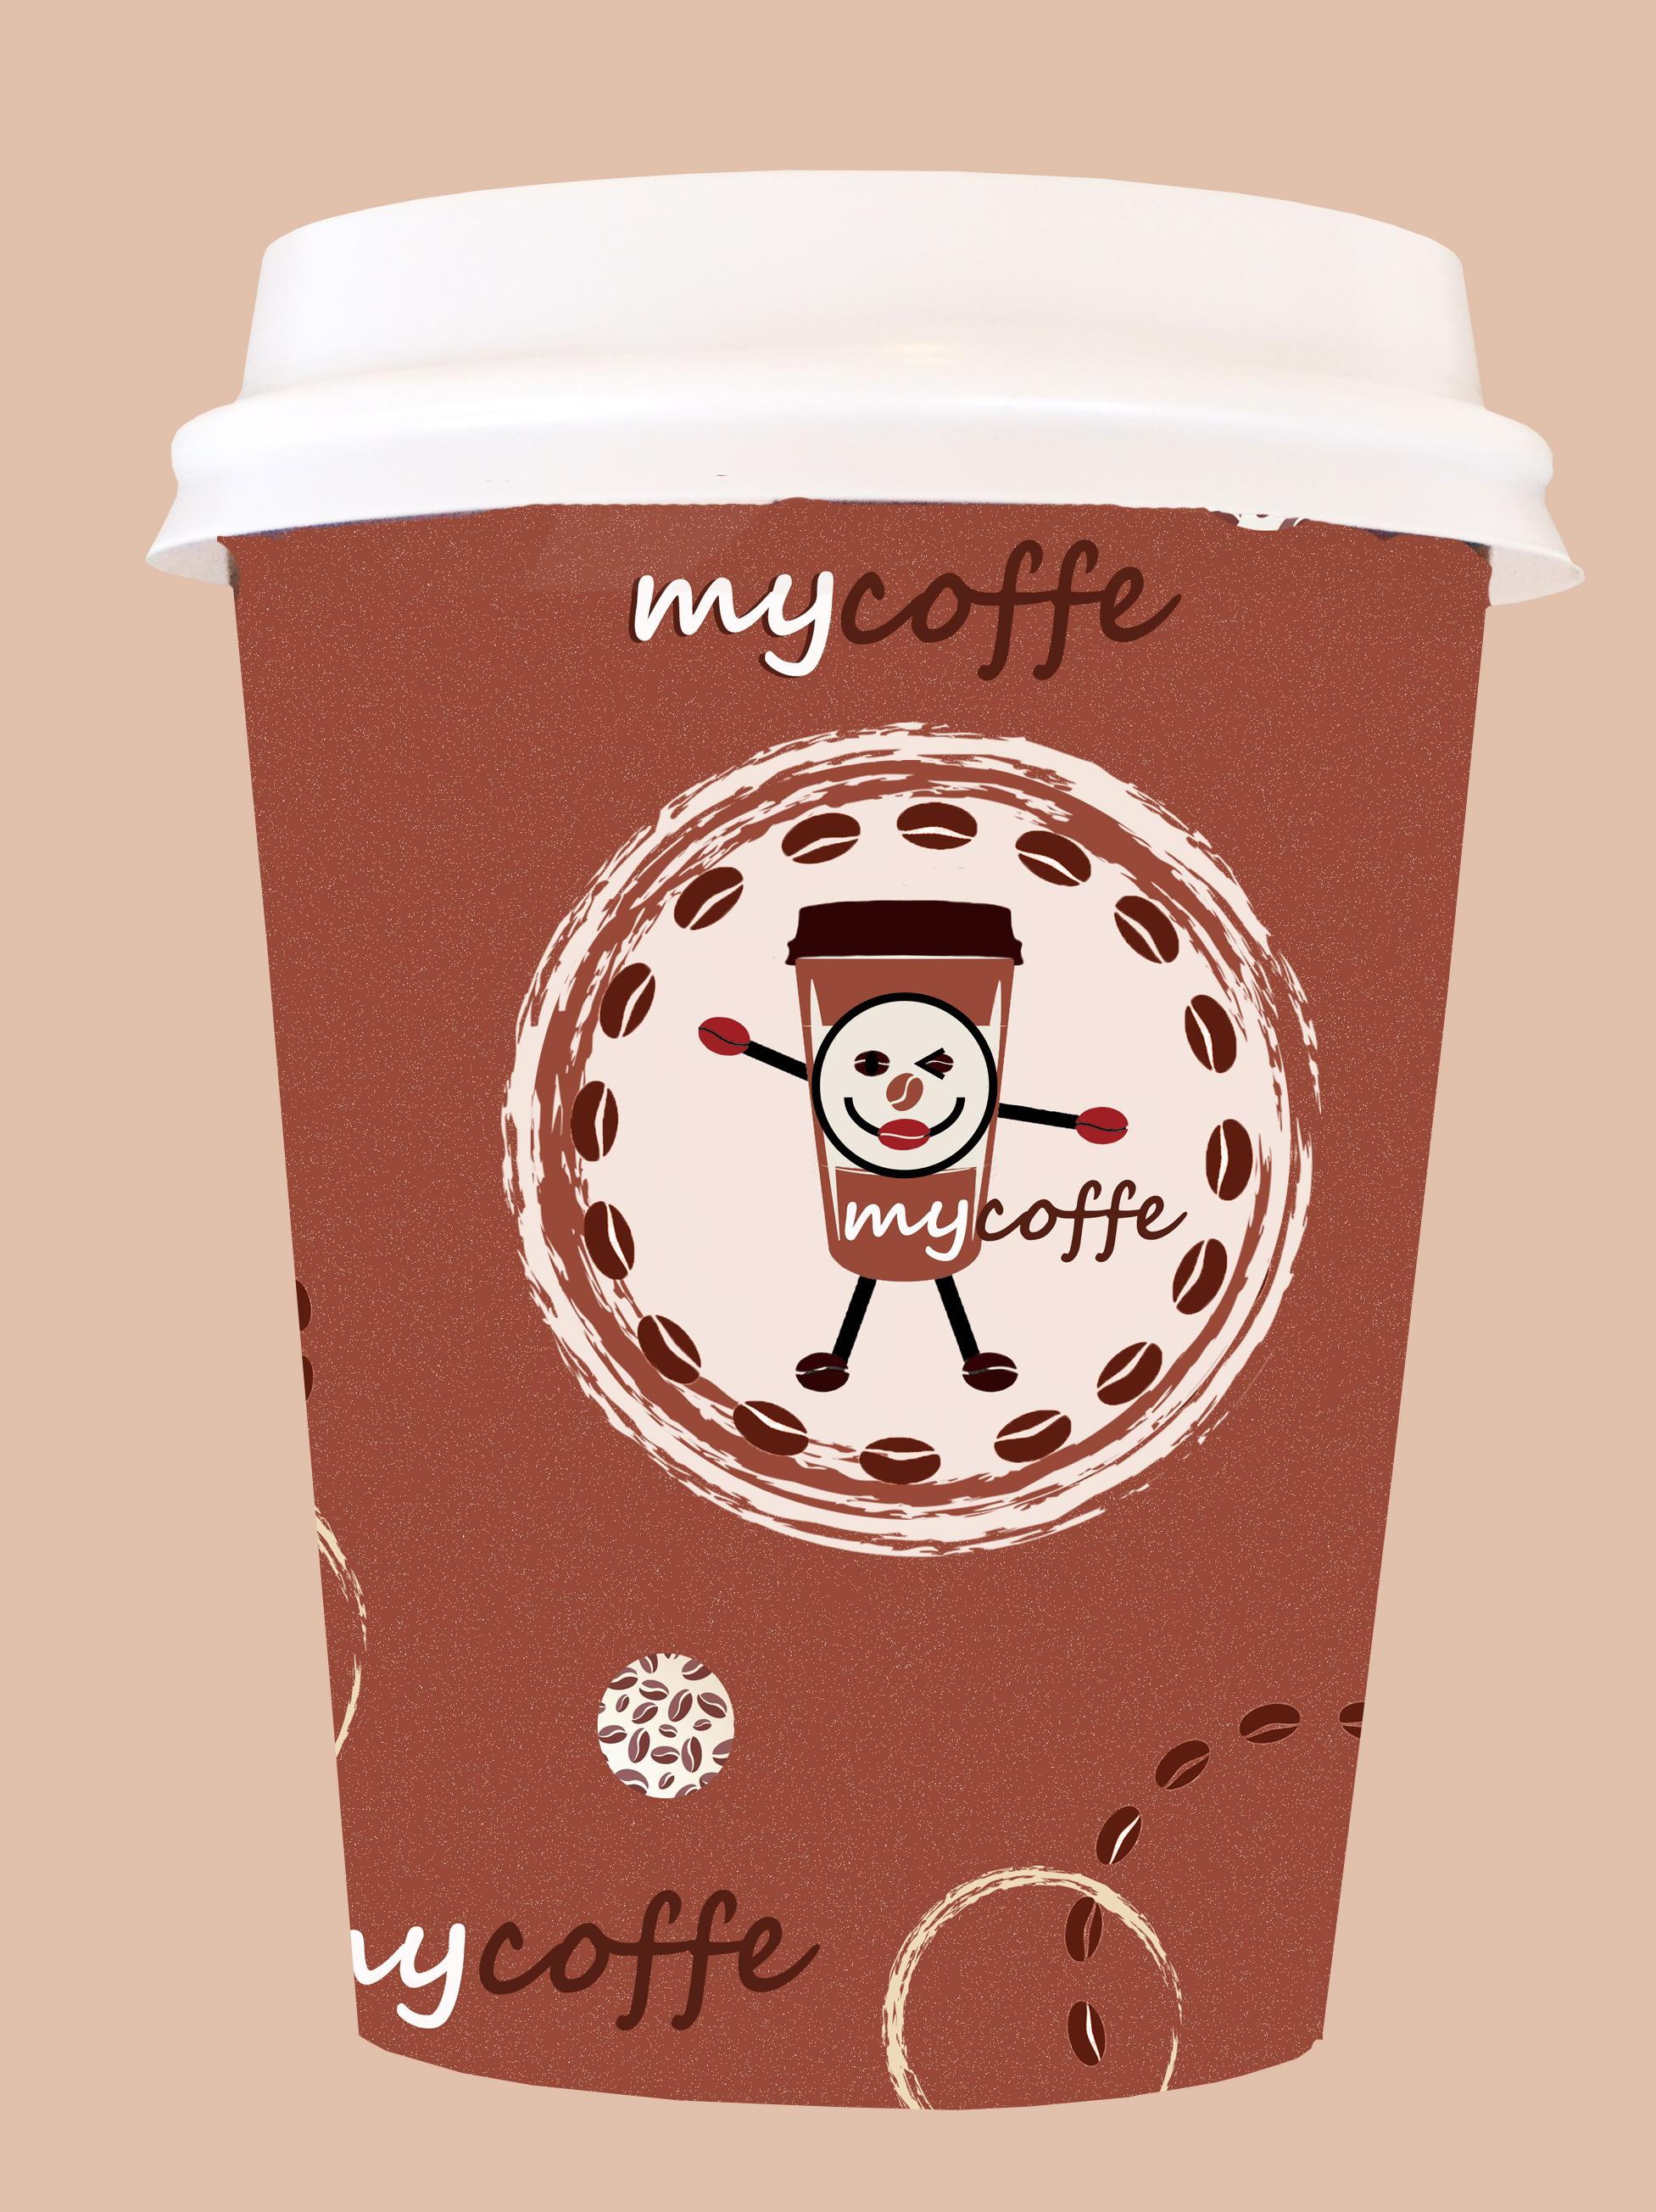 Название, цвета, логотип и дизайн оформления для сети кофеен фото f_8855ba692bfee1a8.jpg